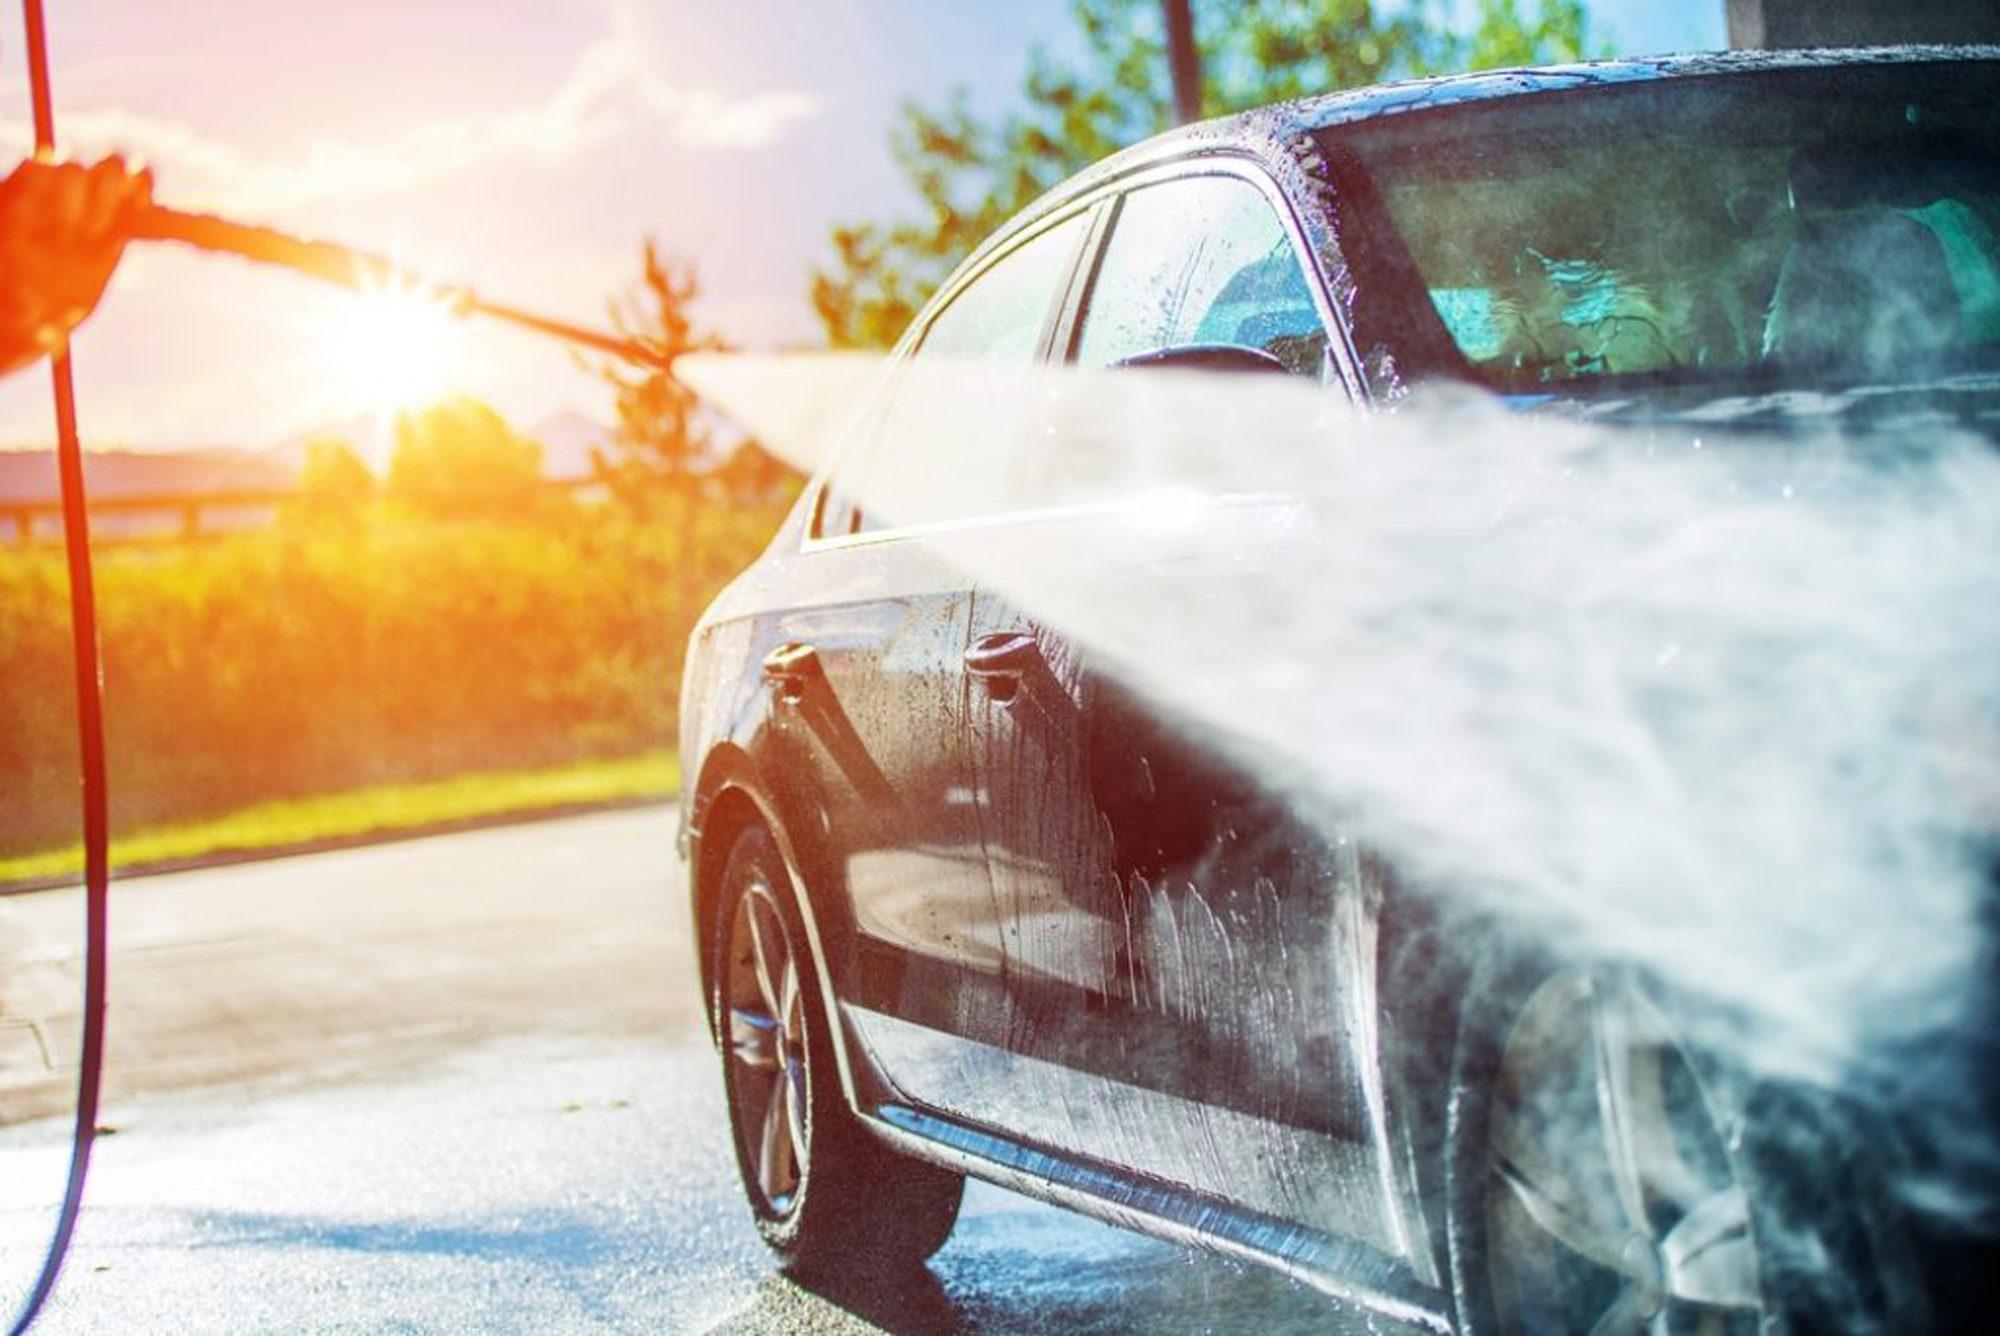 clean-way-car-wash5.jpg